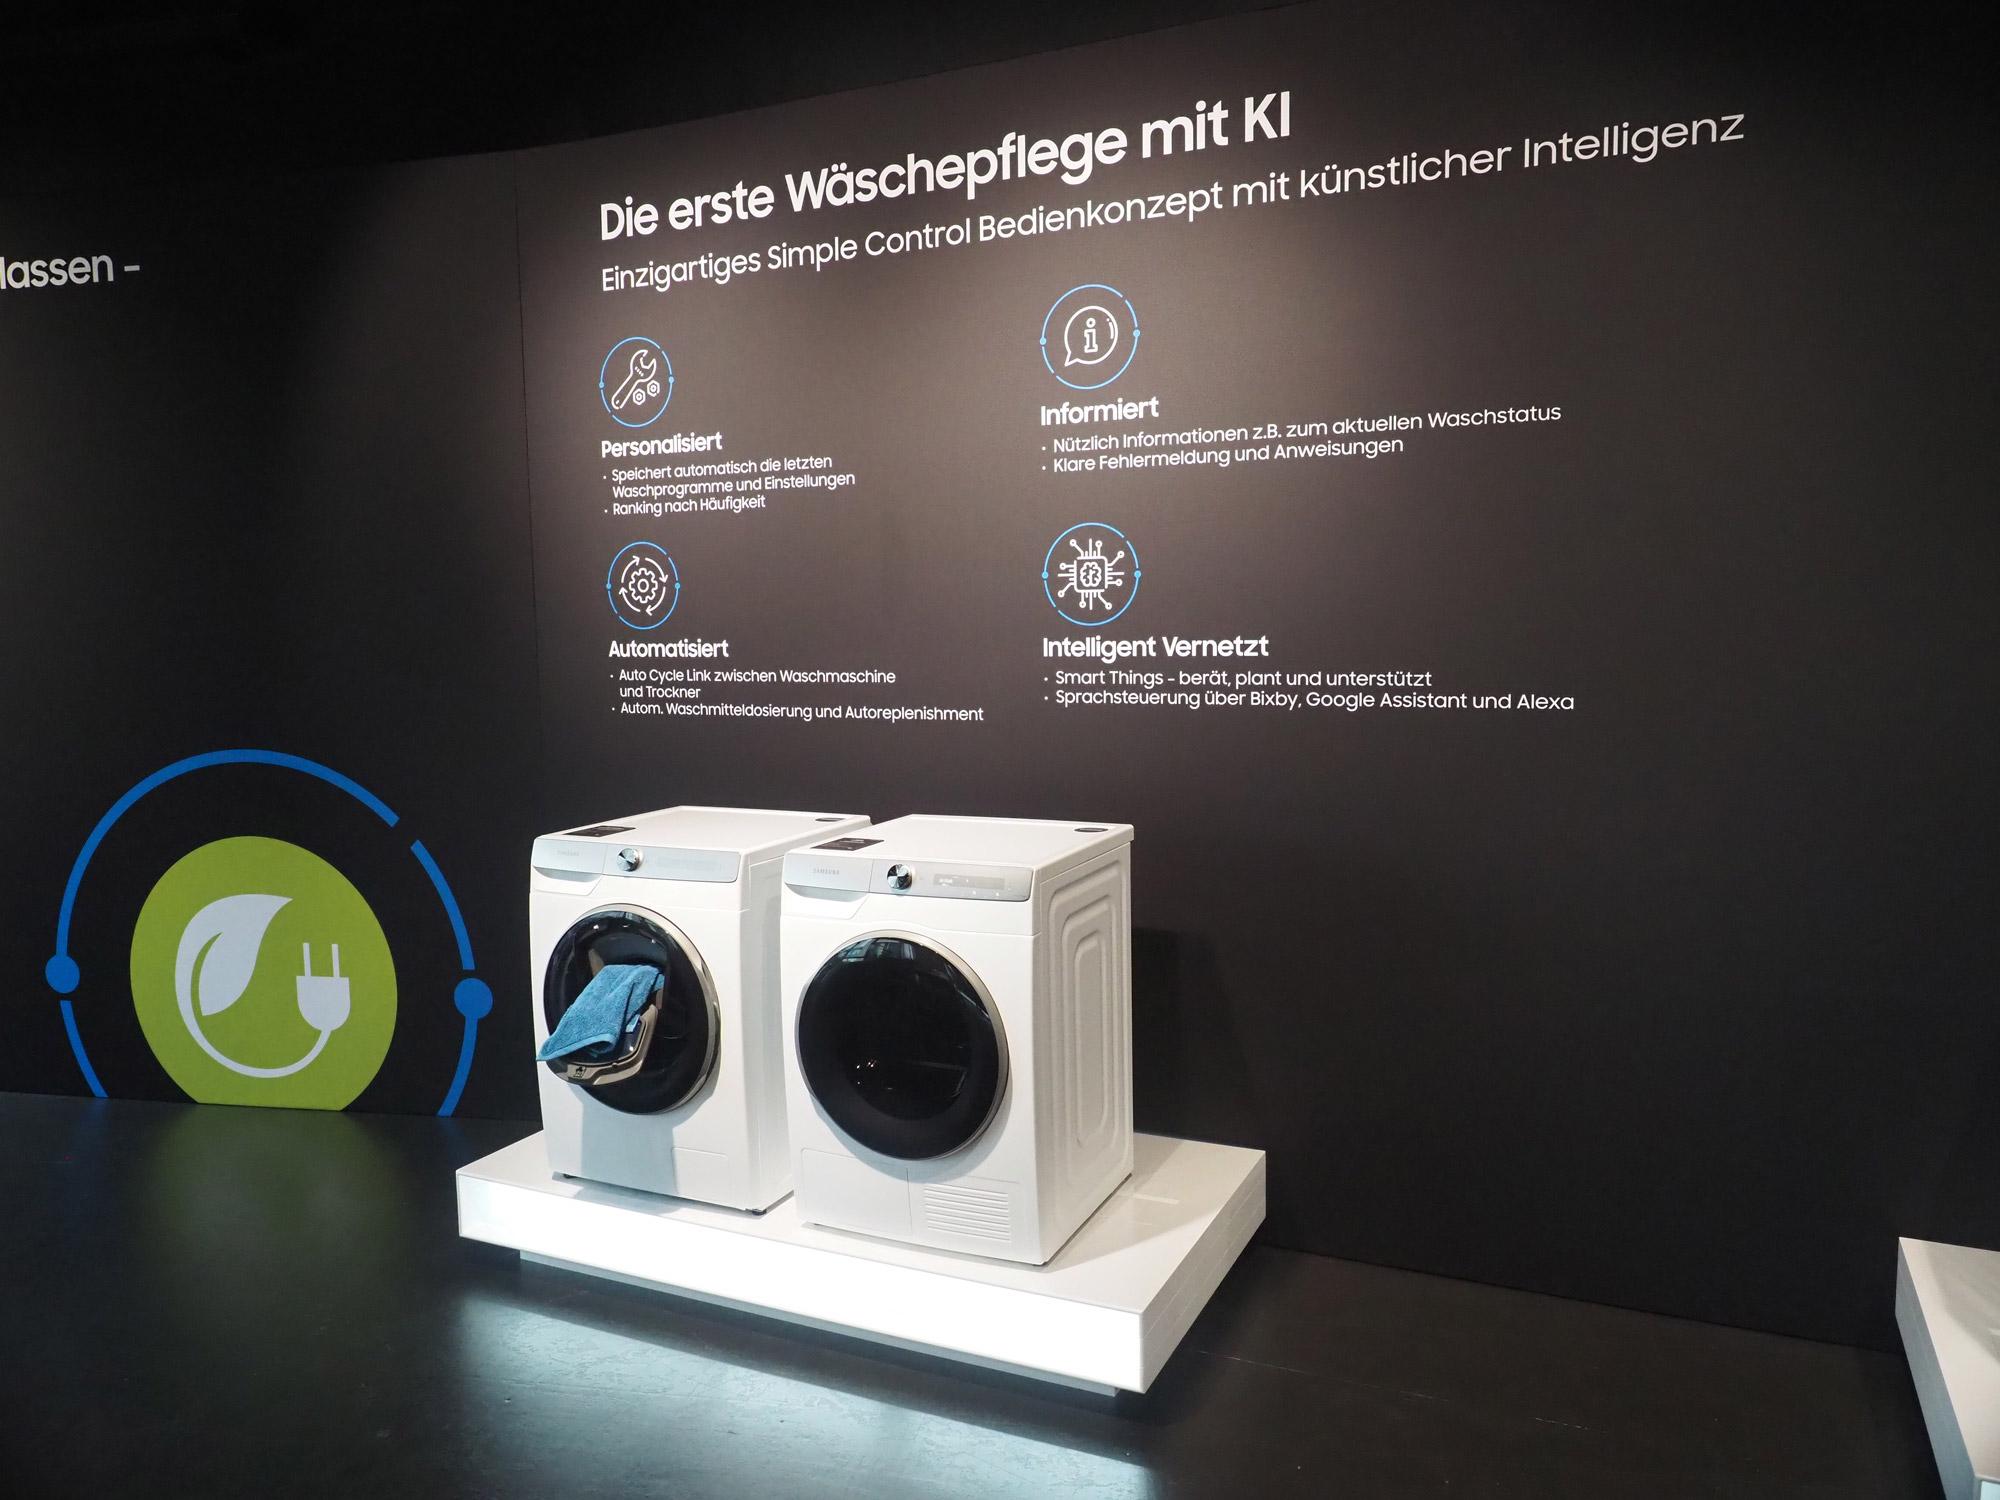 Intelligente Wäschepflege: Das neue Samsung Line-up aus Waschmaschinen und Trocknern ist mit künstlichen Intelligenz ausgestattet, die dem Nutzer komplizierte Einstellungen abnehmen soll.